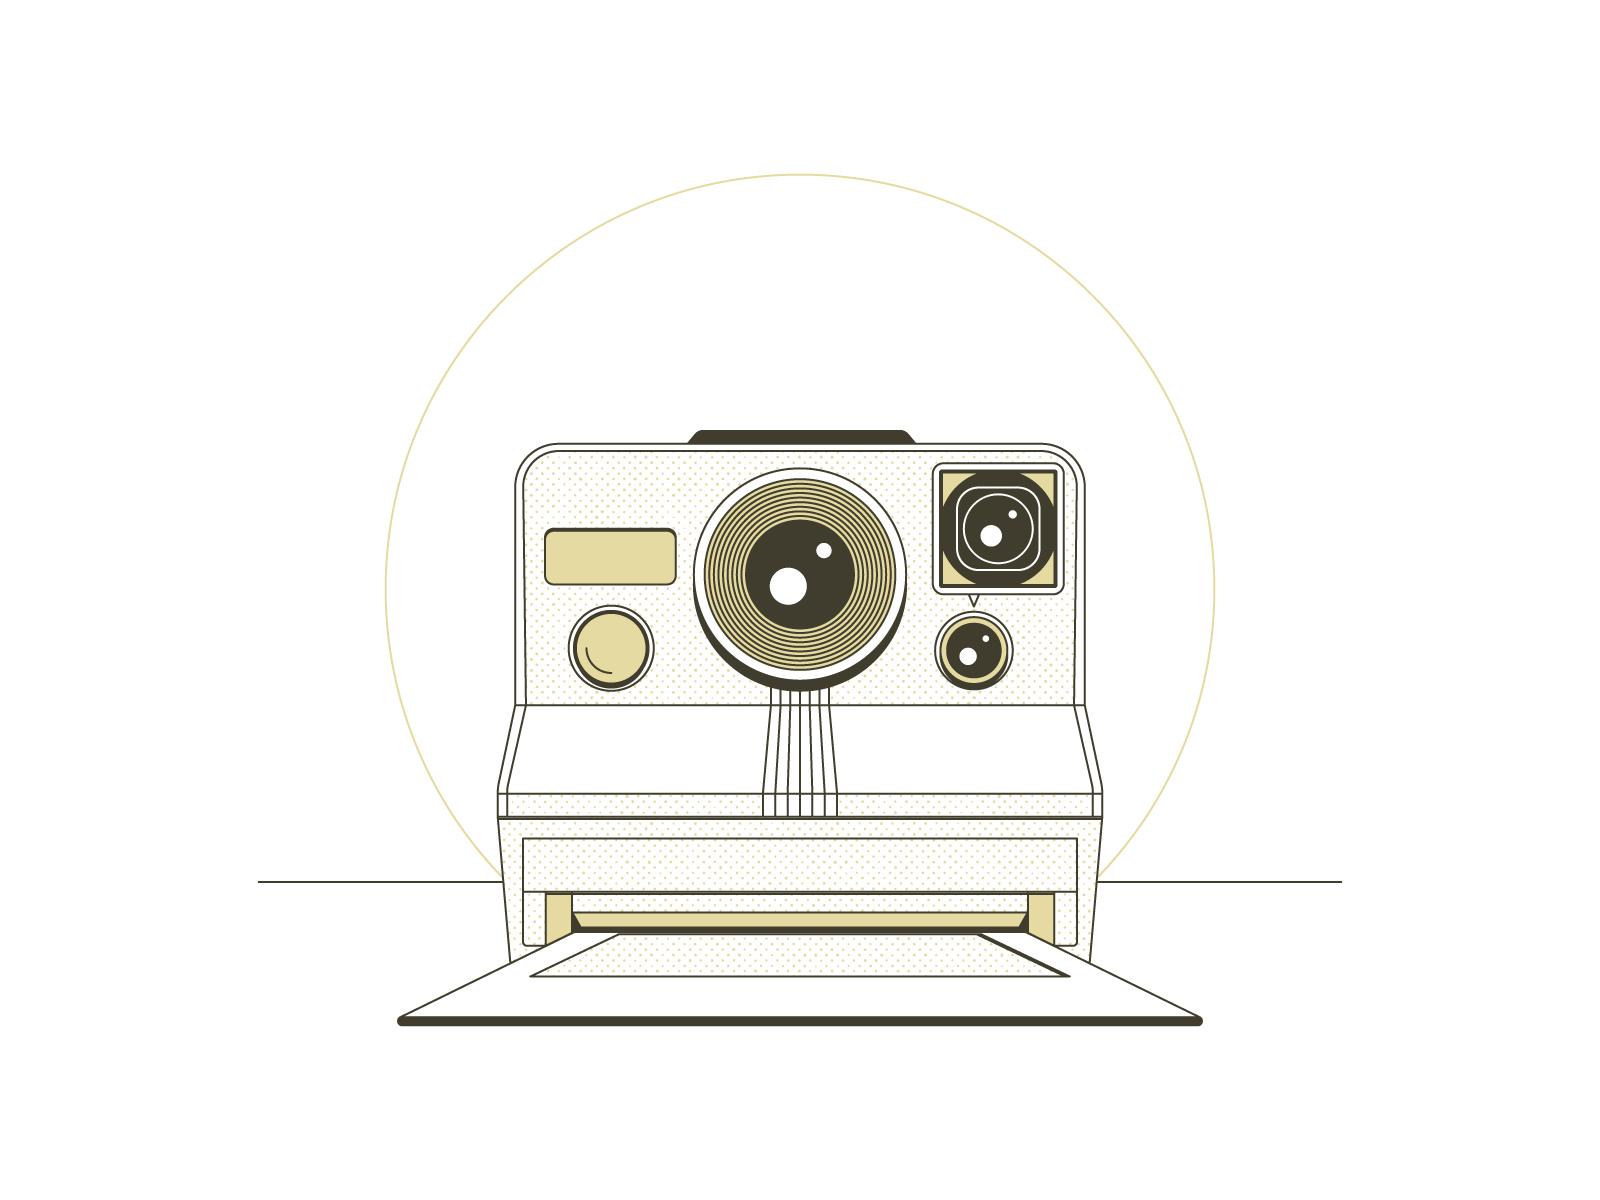 Polaroid_SX70_1.0.jpg